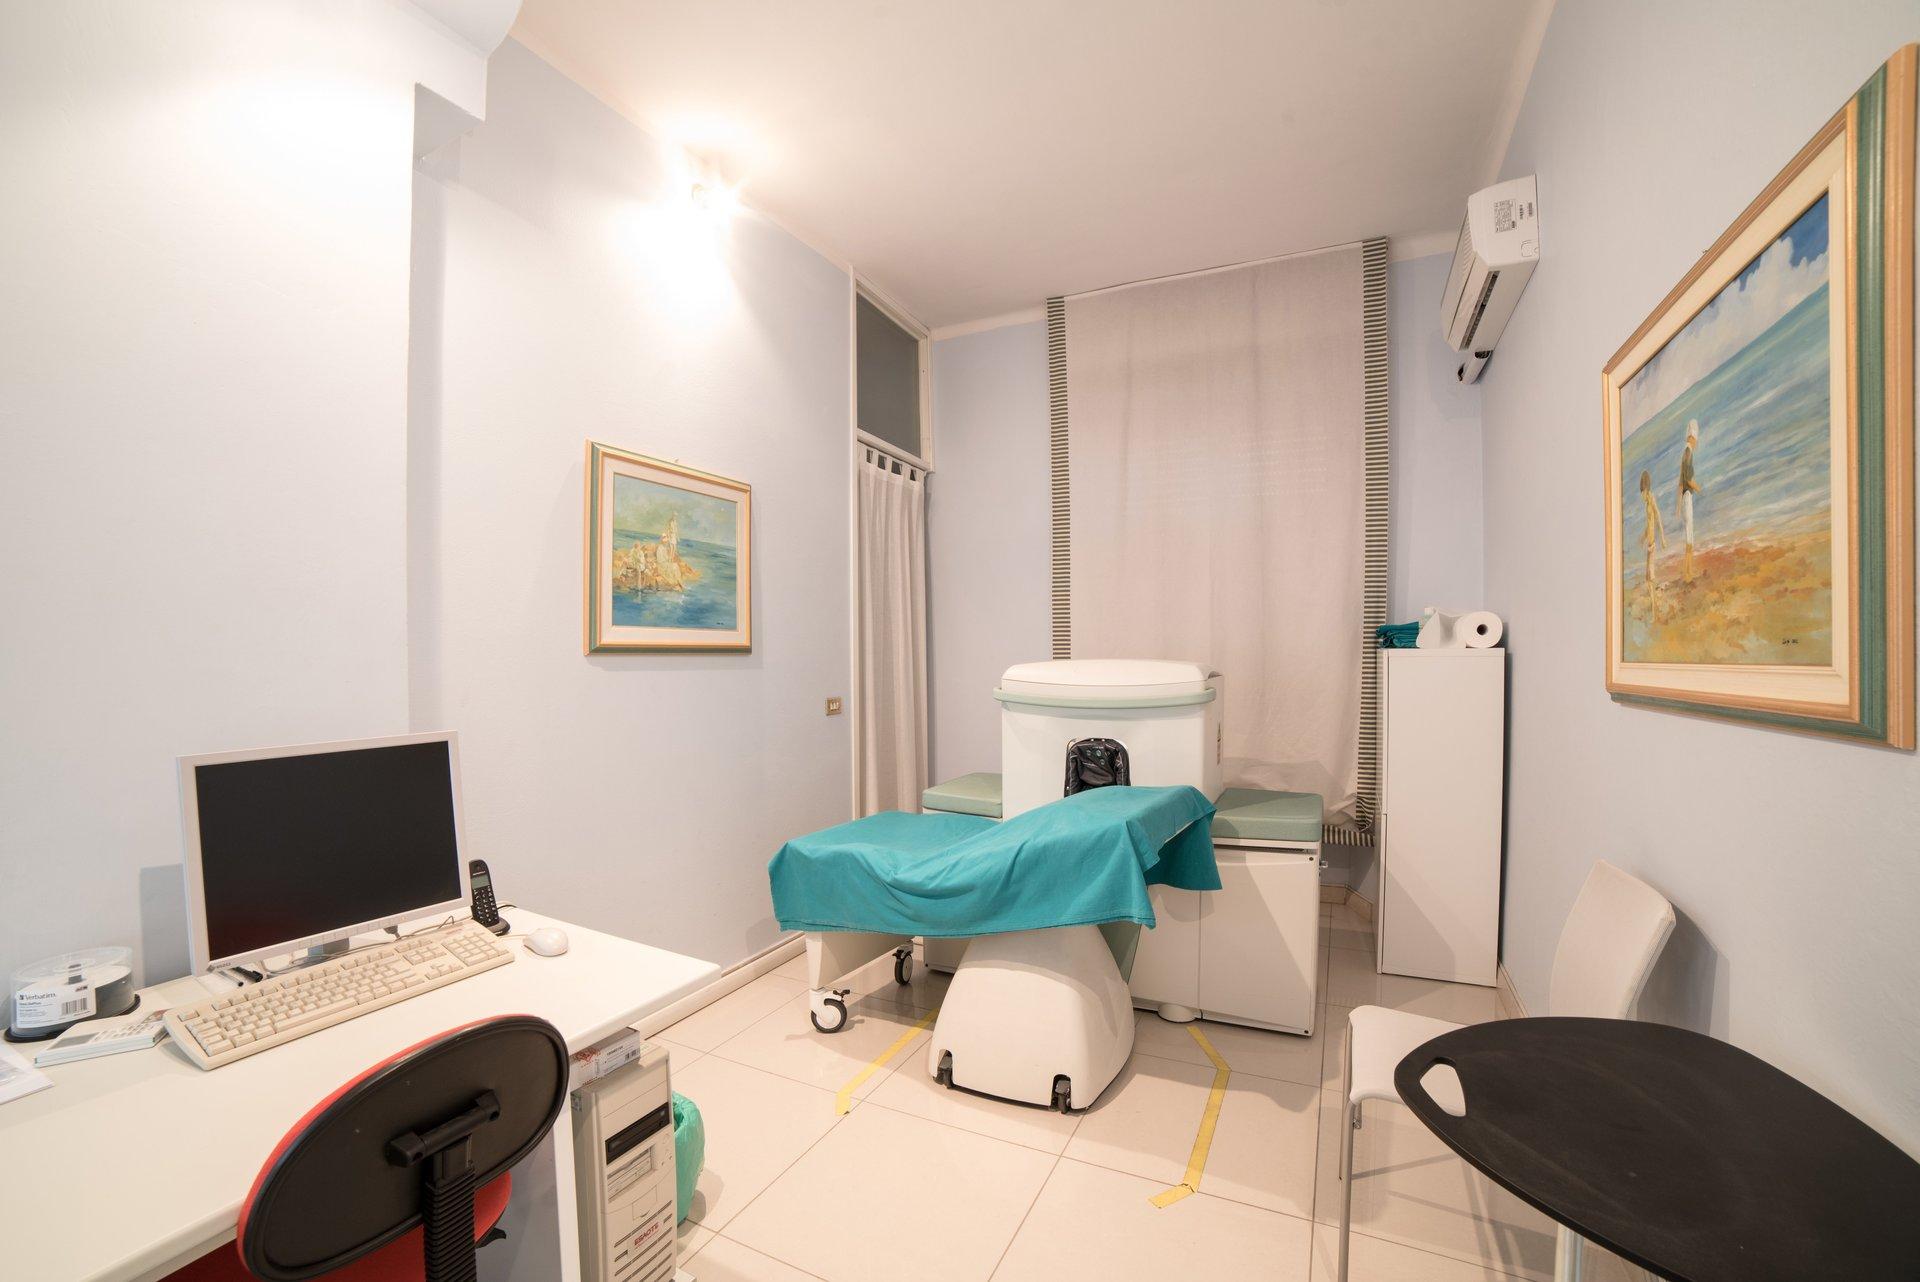 istituto radiologico beretta - diagnostica per esami